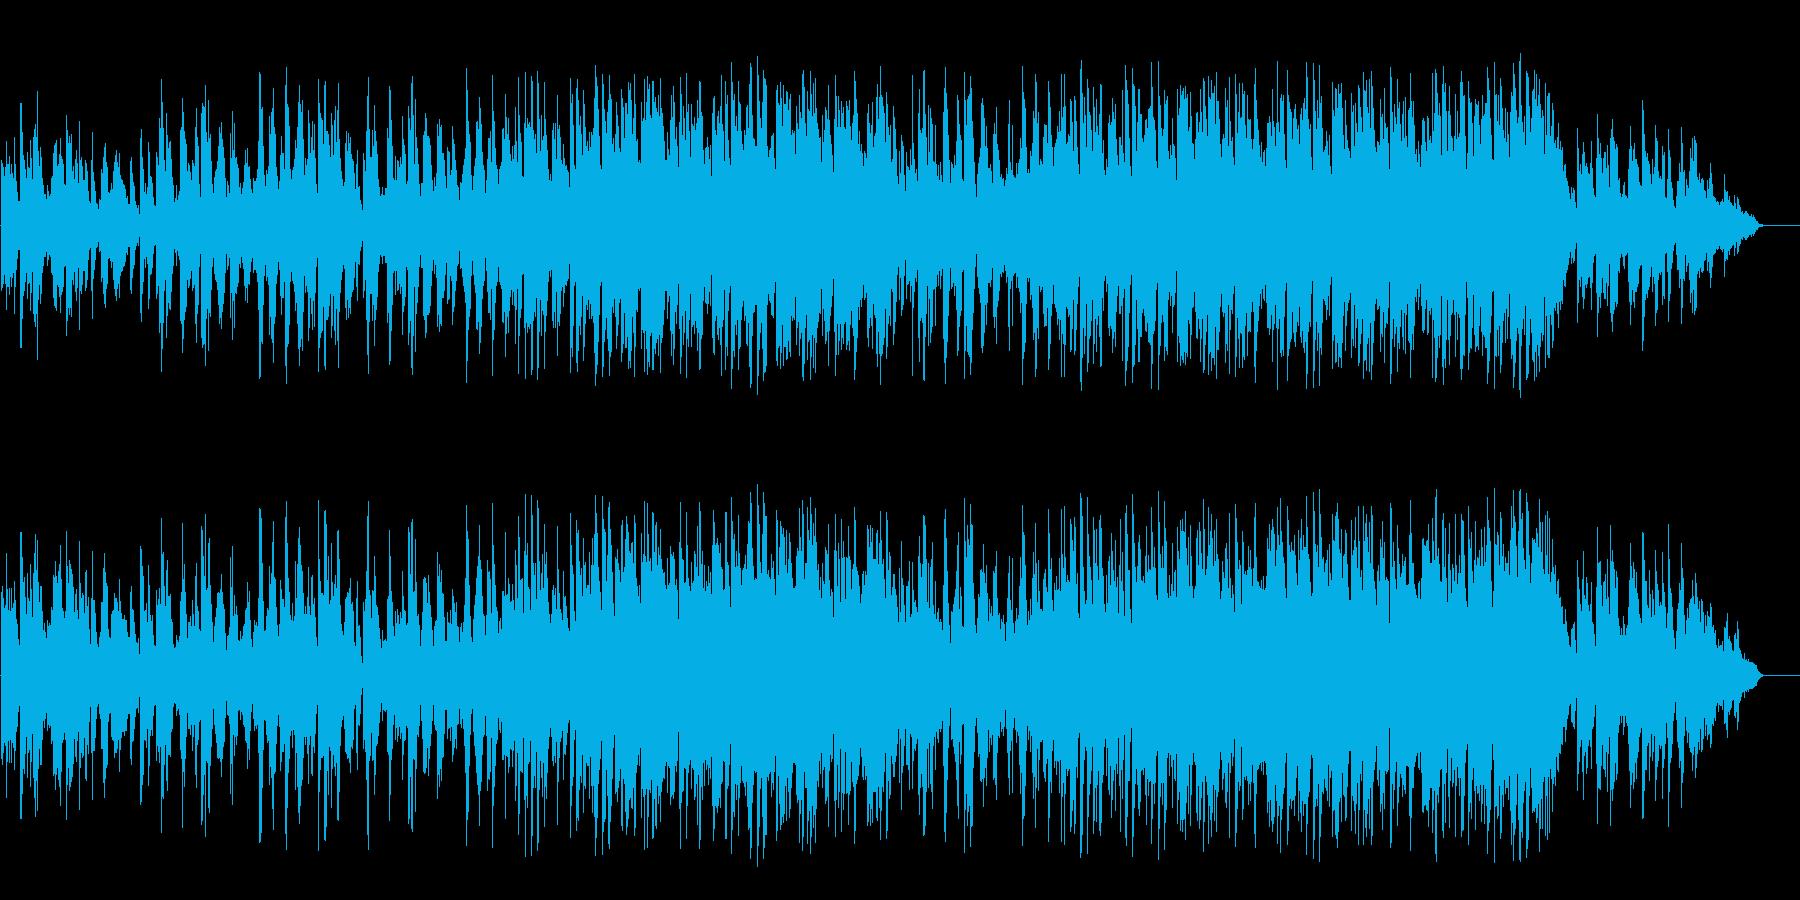 MEMORY/甘い夢恋人達の回想録シーンの再生済みの波形